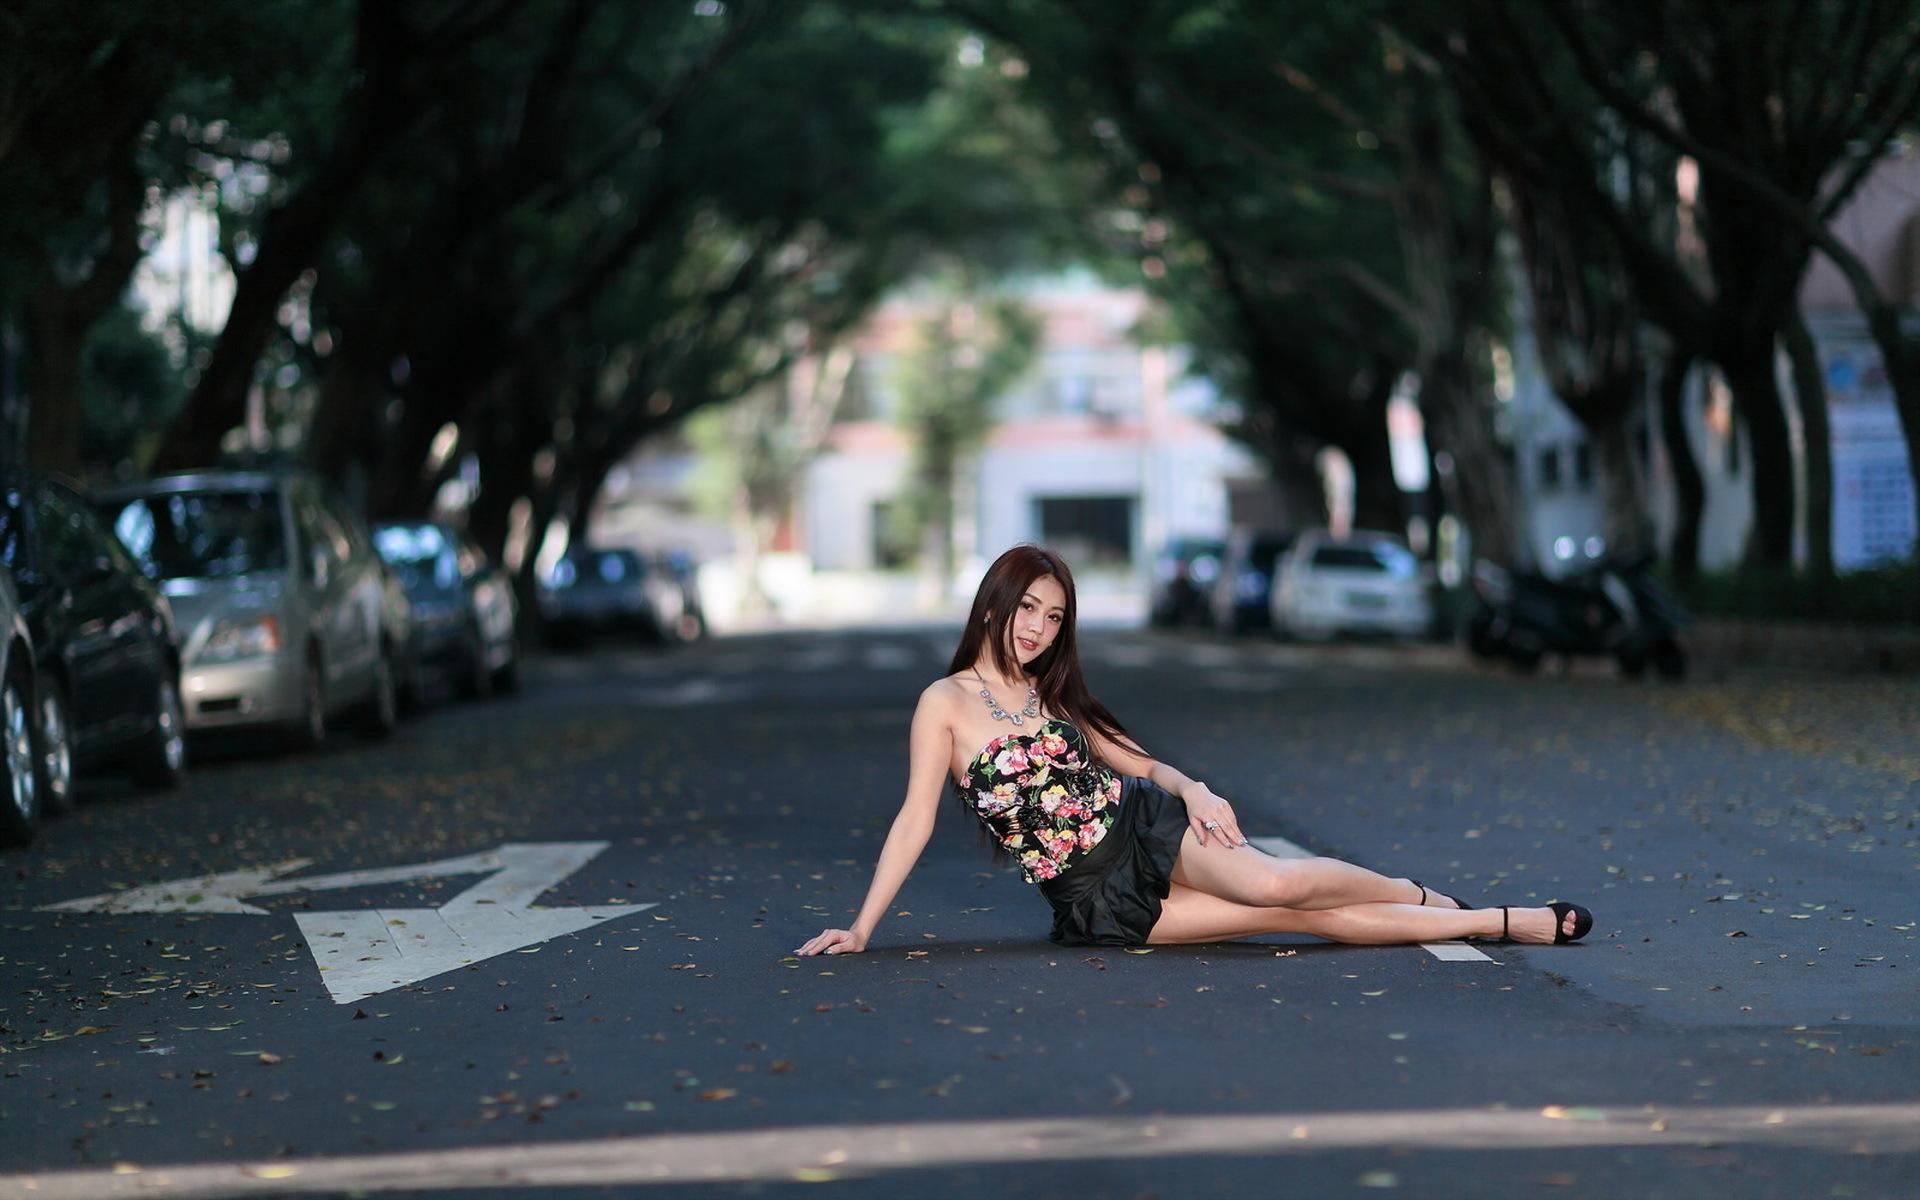 голая женщина на улице видео смотреть - 8